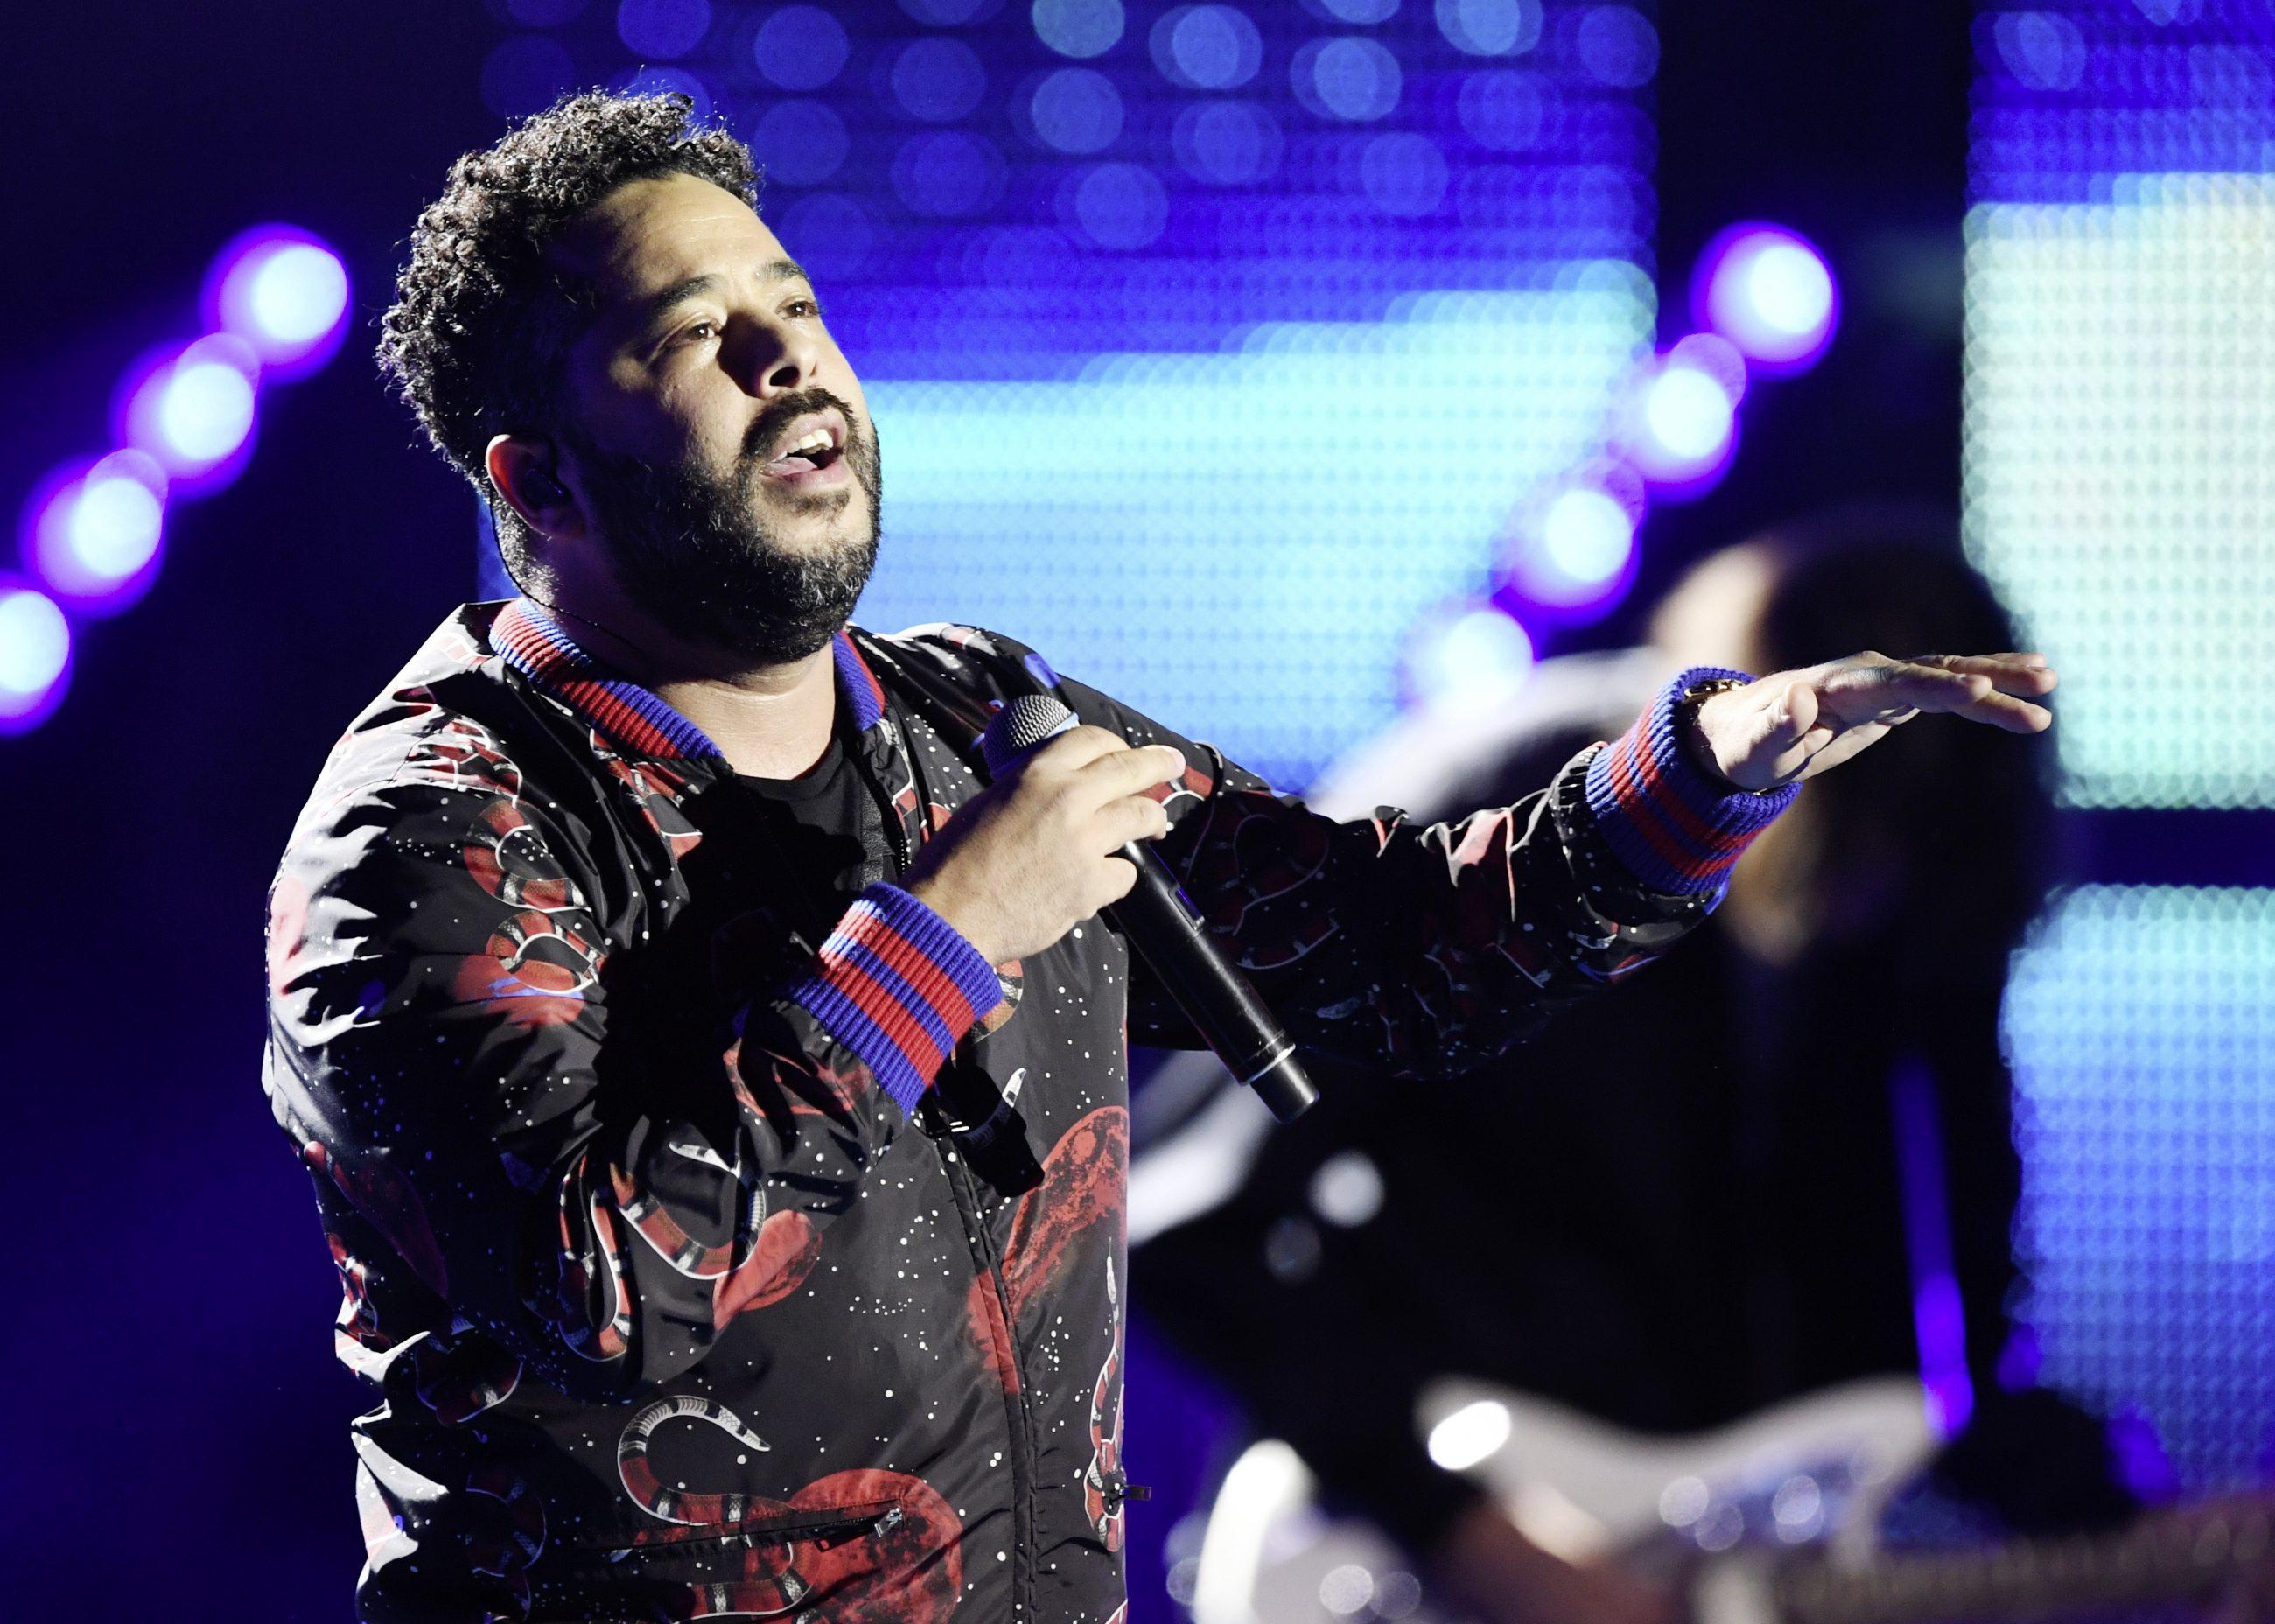 Konzerte 2020: Stars spielen im Ruhrgebiet - aber nicht auf Schalke